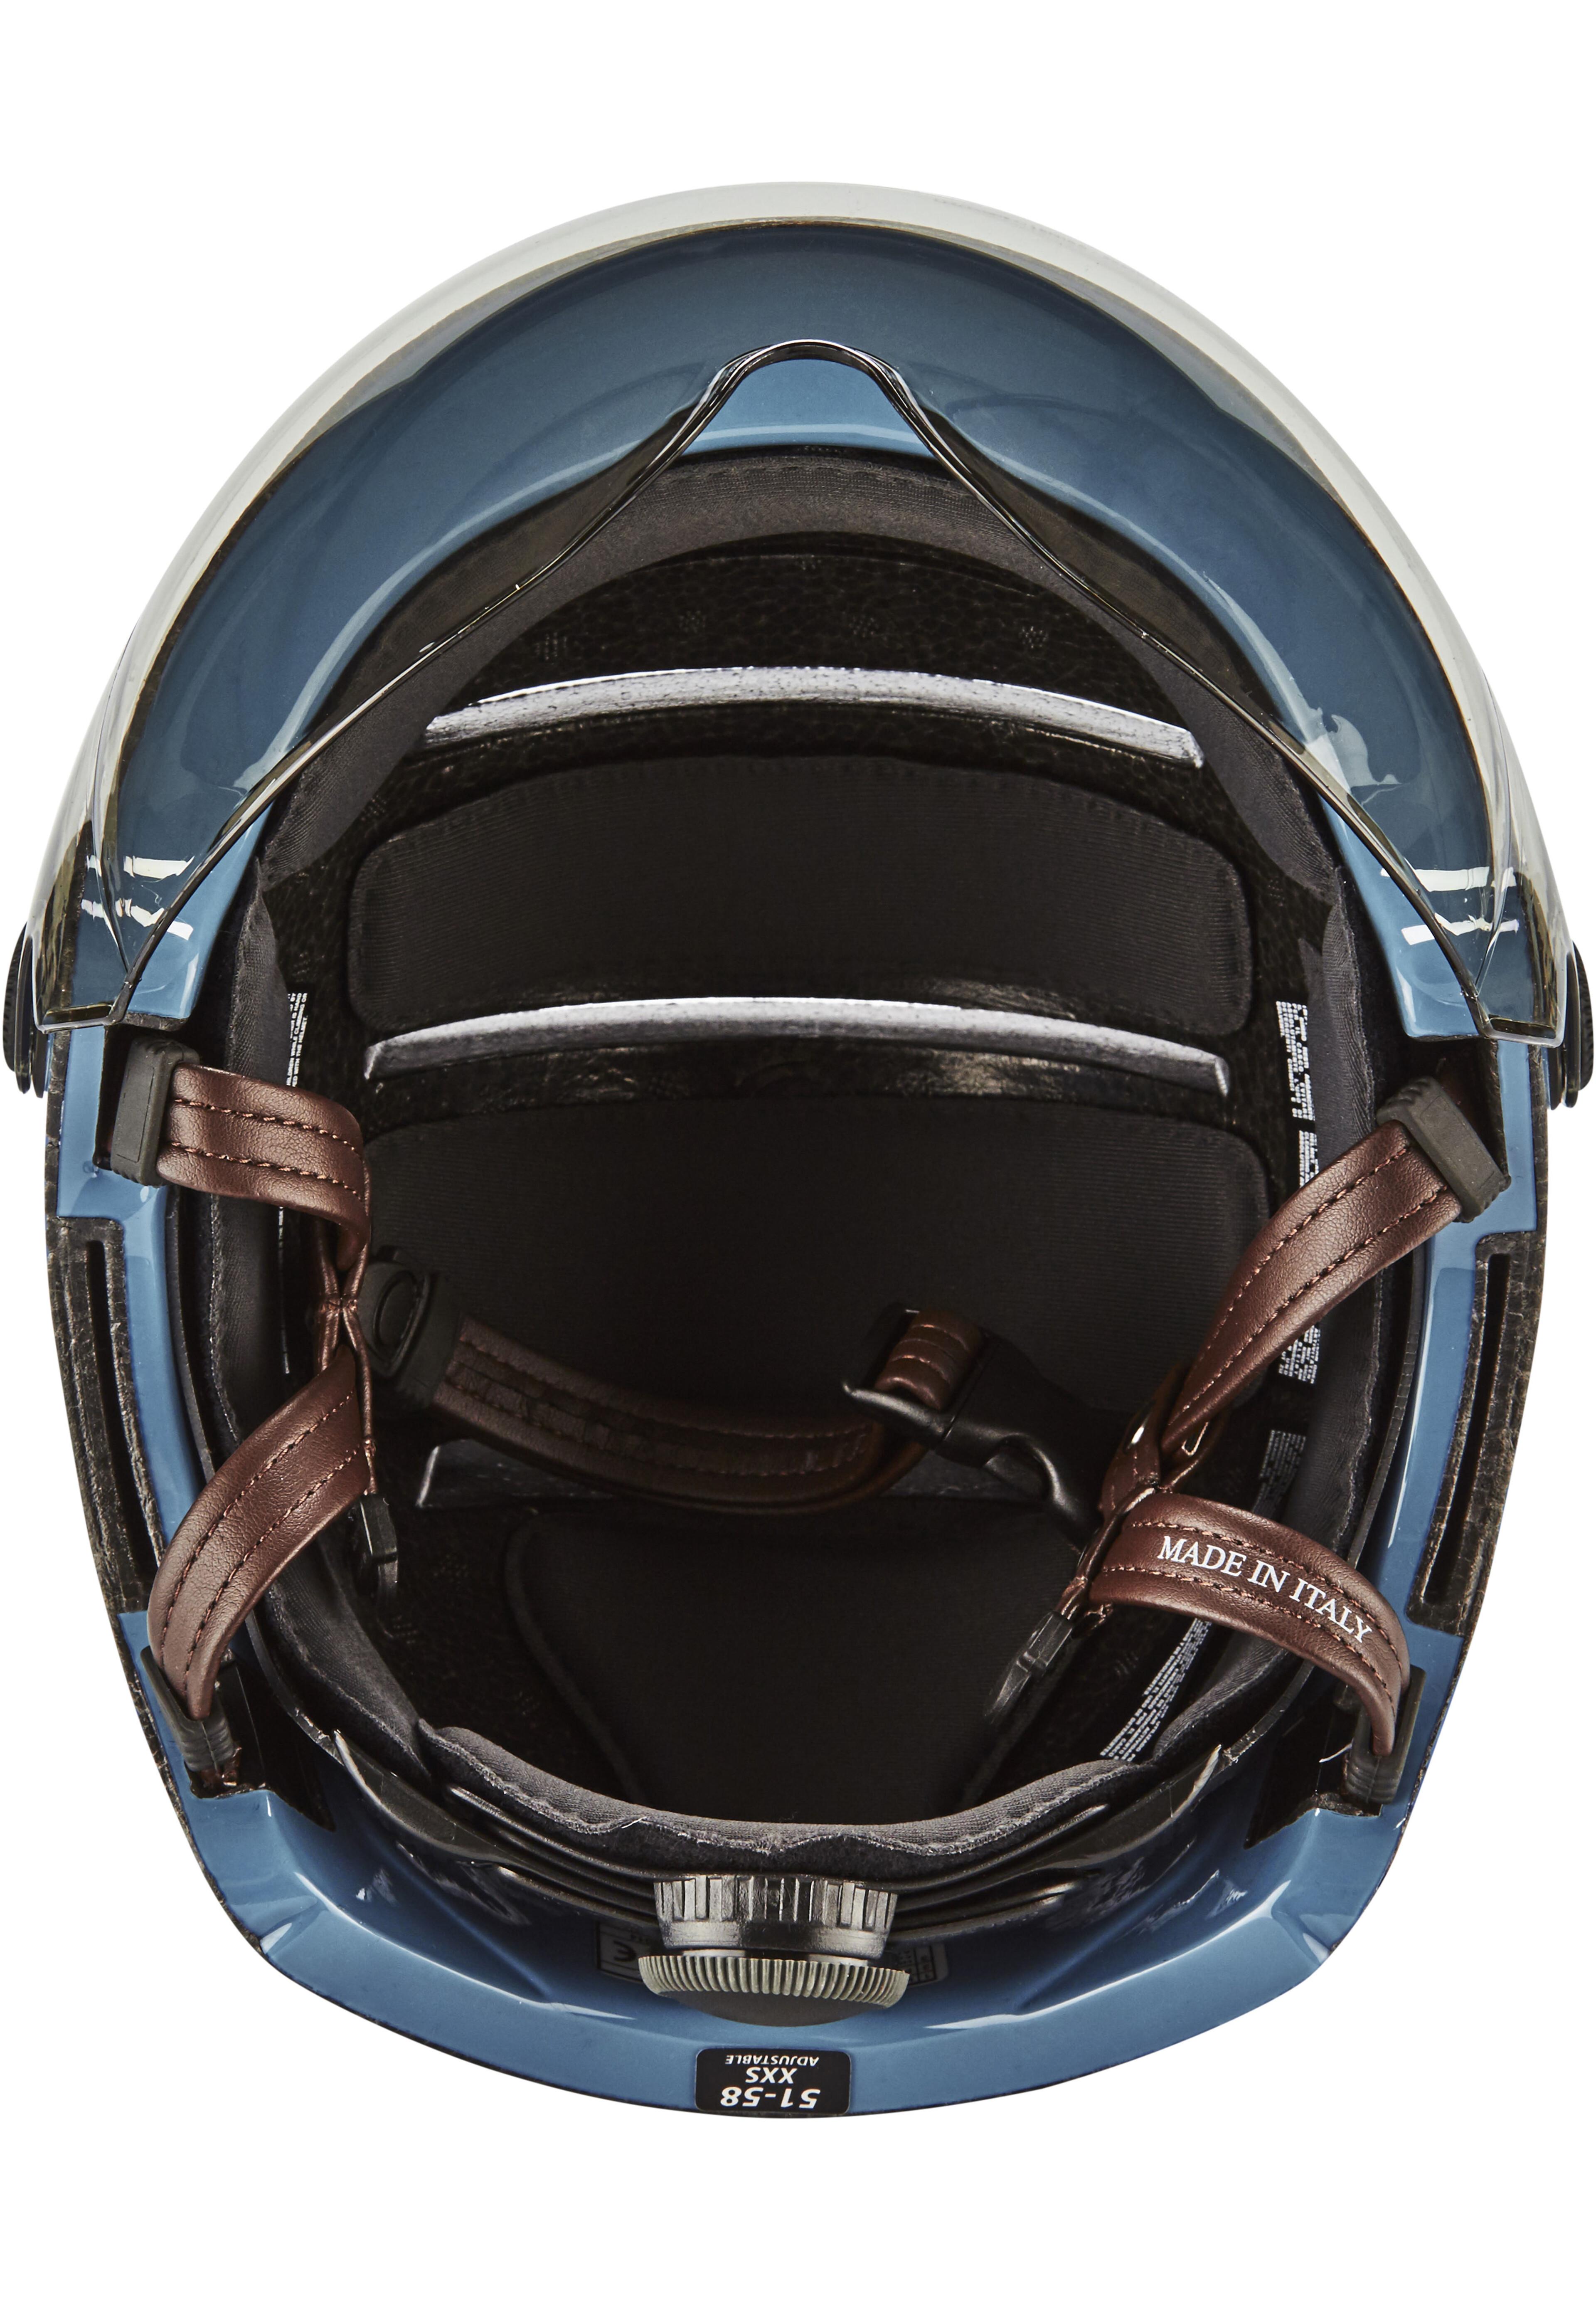 53351b4f6d1 Kask Lifestyle Bike Helmet incl. visor turquoise at Bikester.co.uk